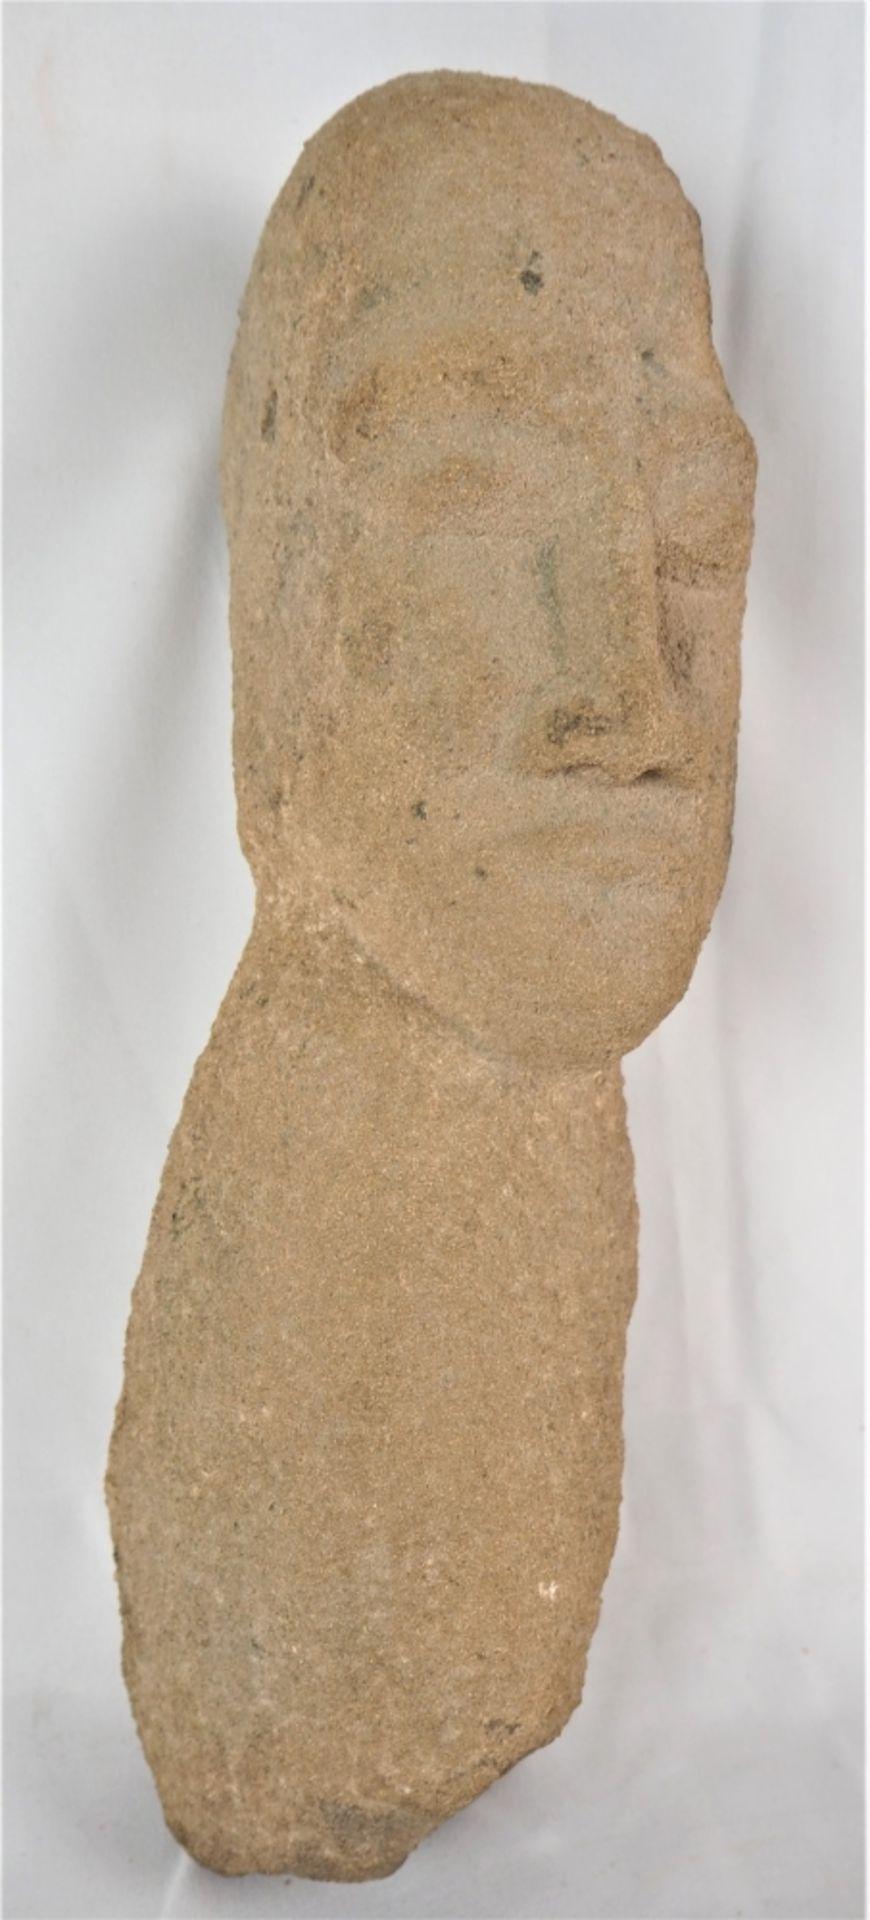 Los 369 - Steinskulptur AfrikaMenschliche Figur, Torso und Kopf. H. 35cm., B. 10cm.Stone sculpture...